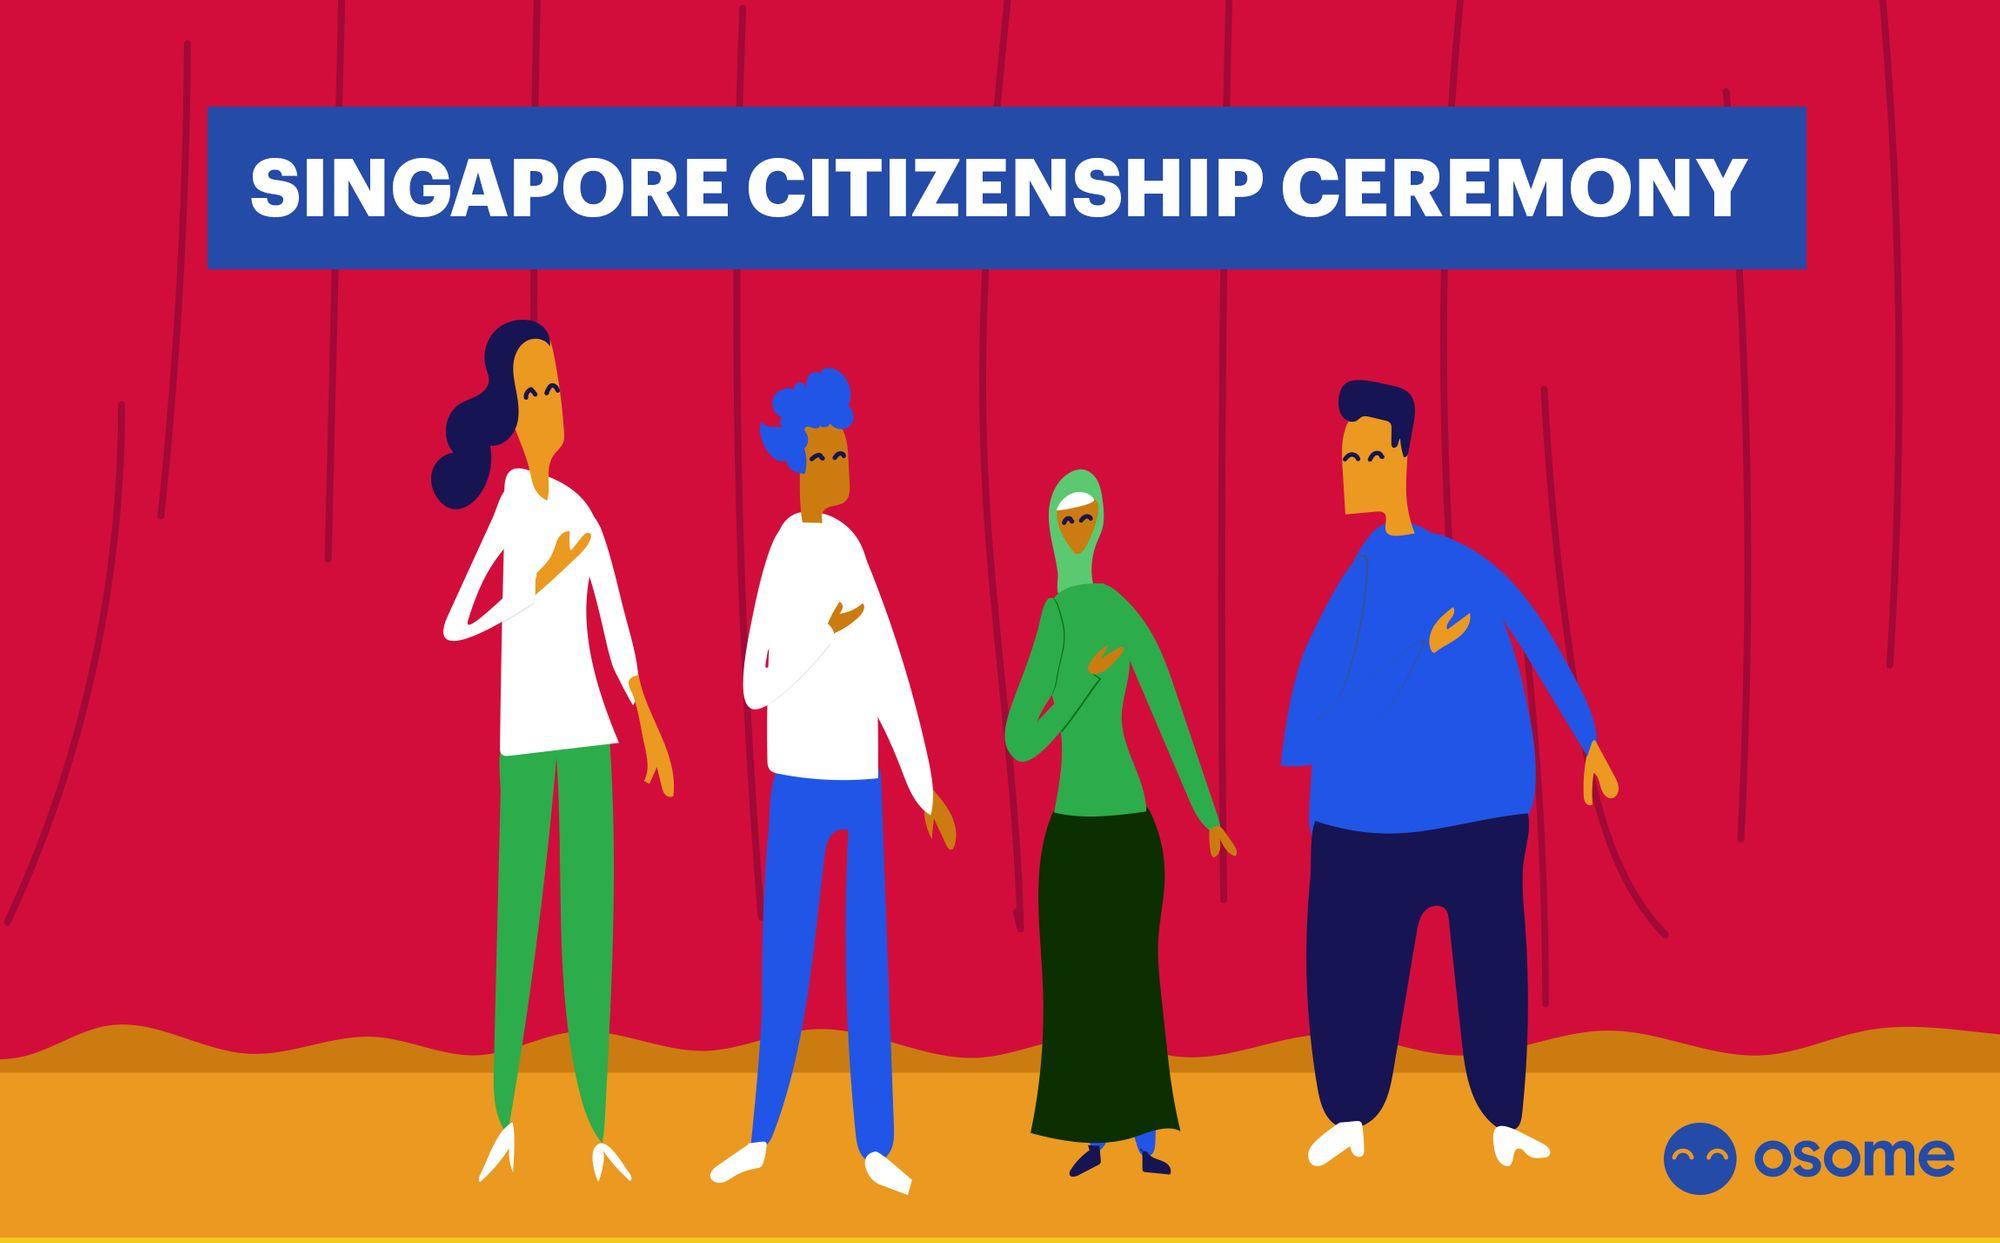 Singapore Citizenship Ceremony